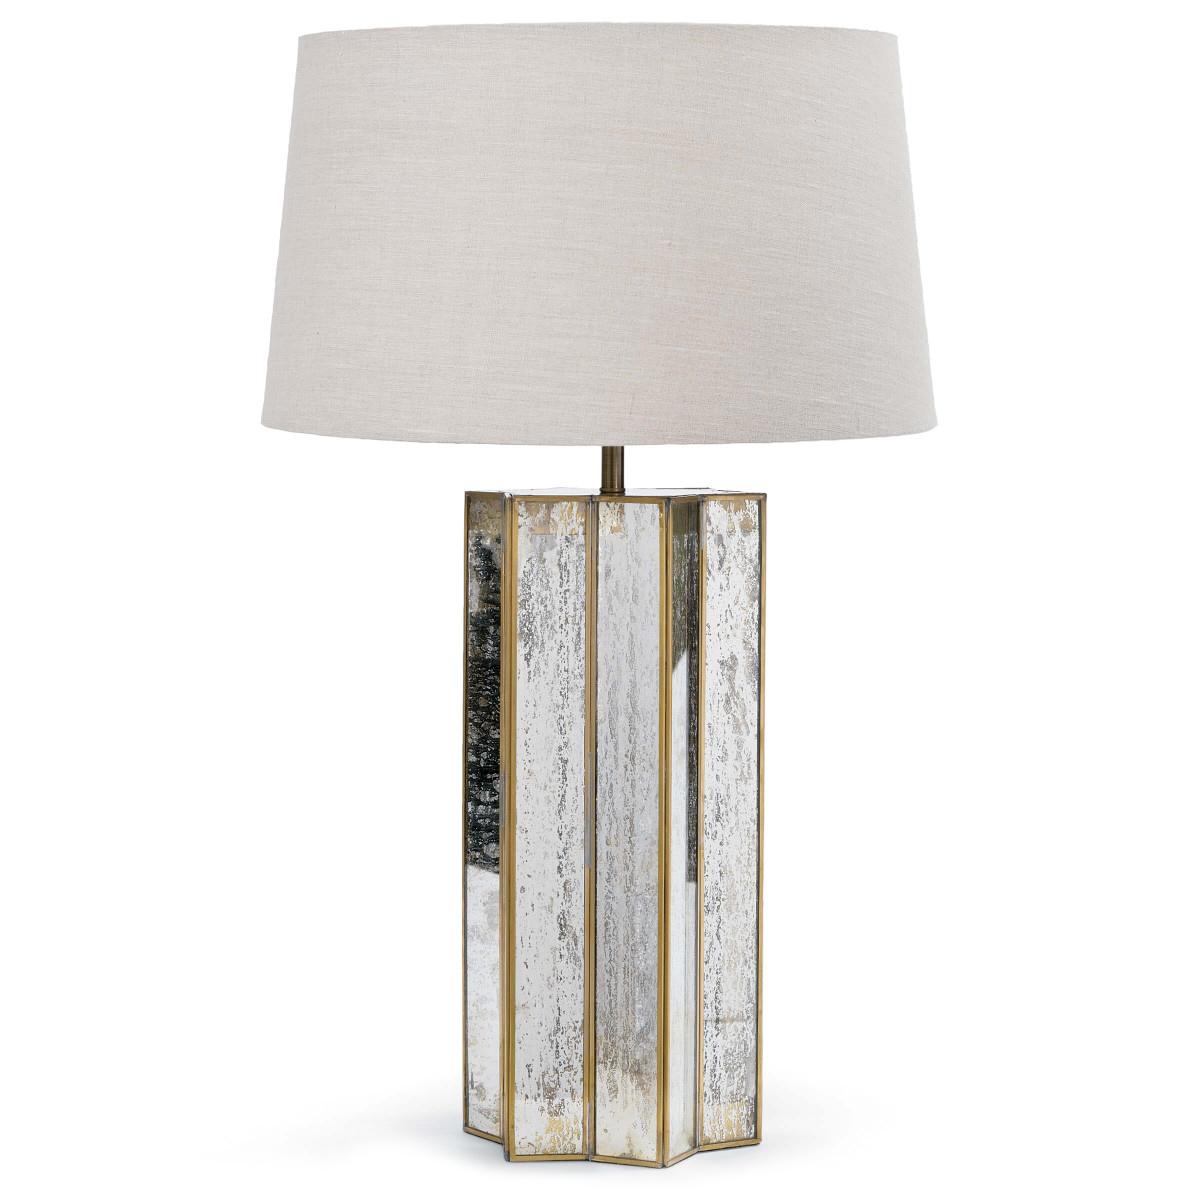 Alexa Table Lamp Antique Mercury | Regina Andrew